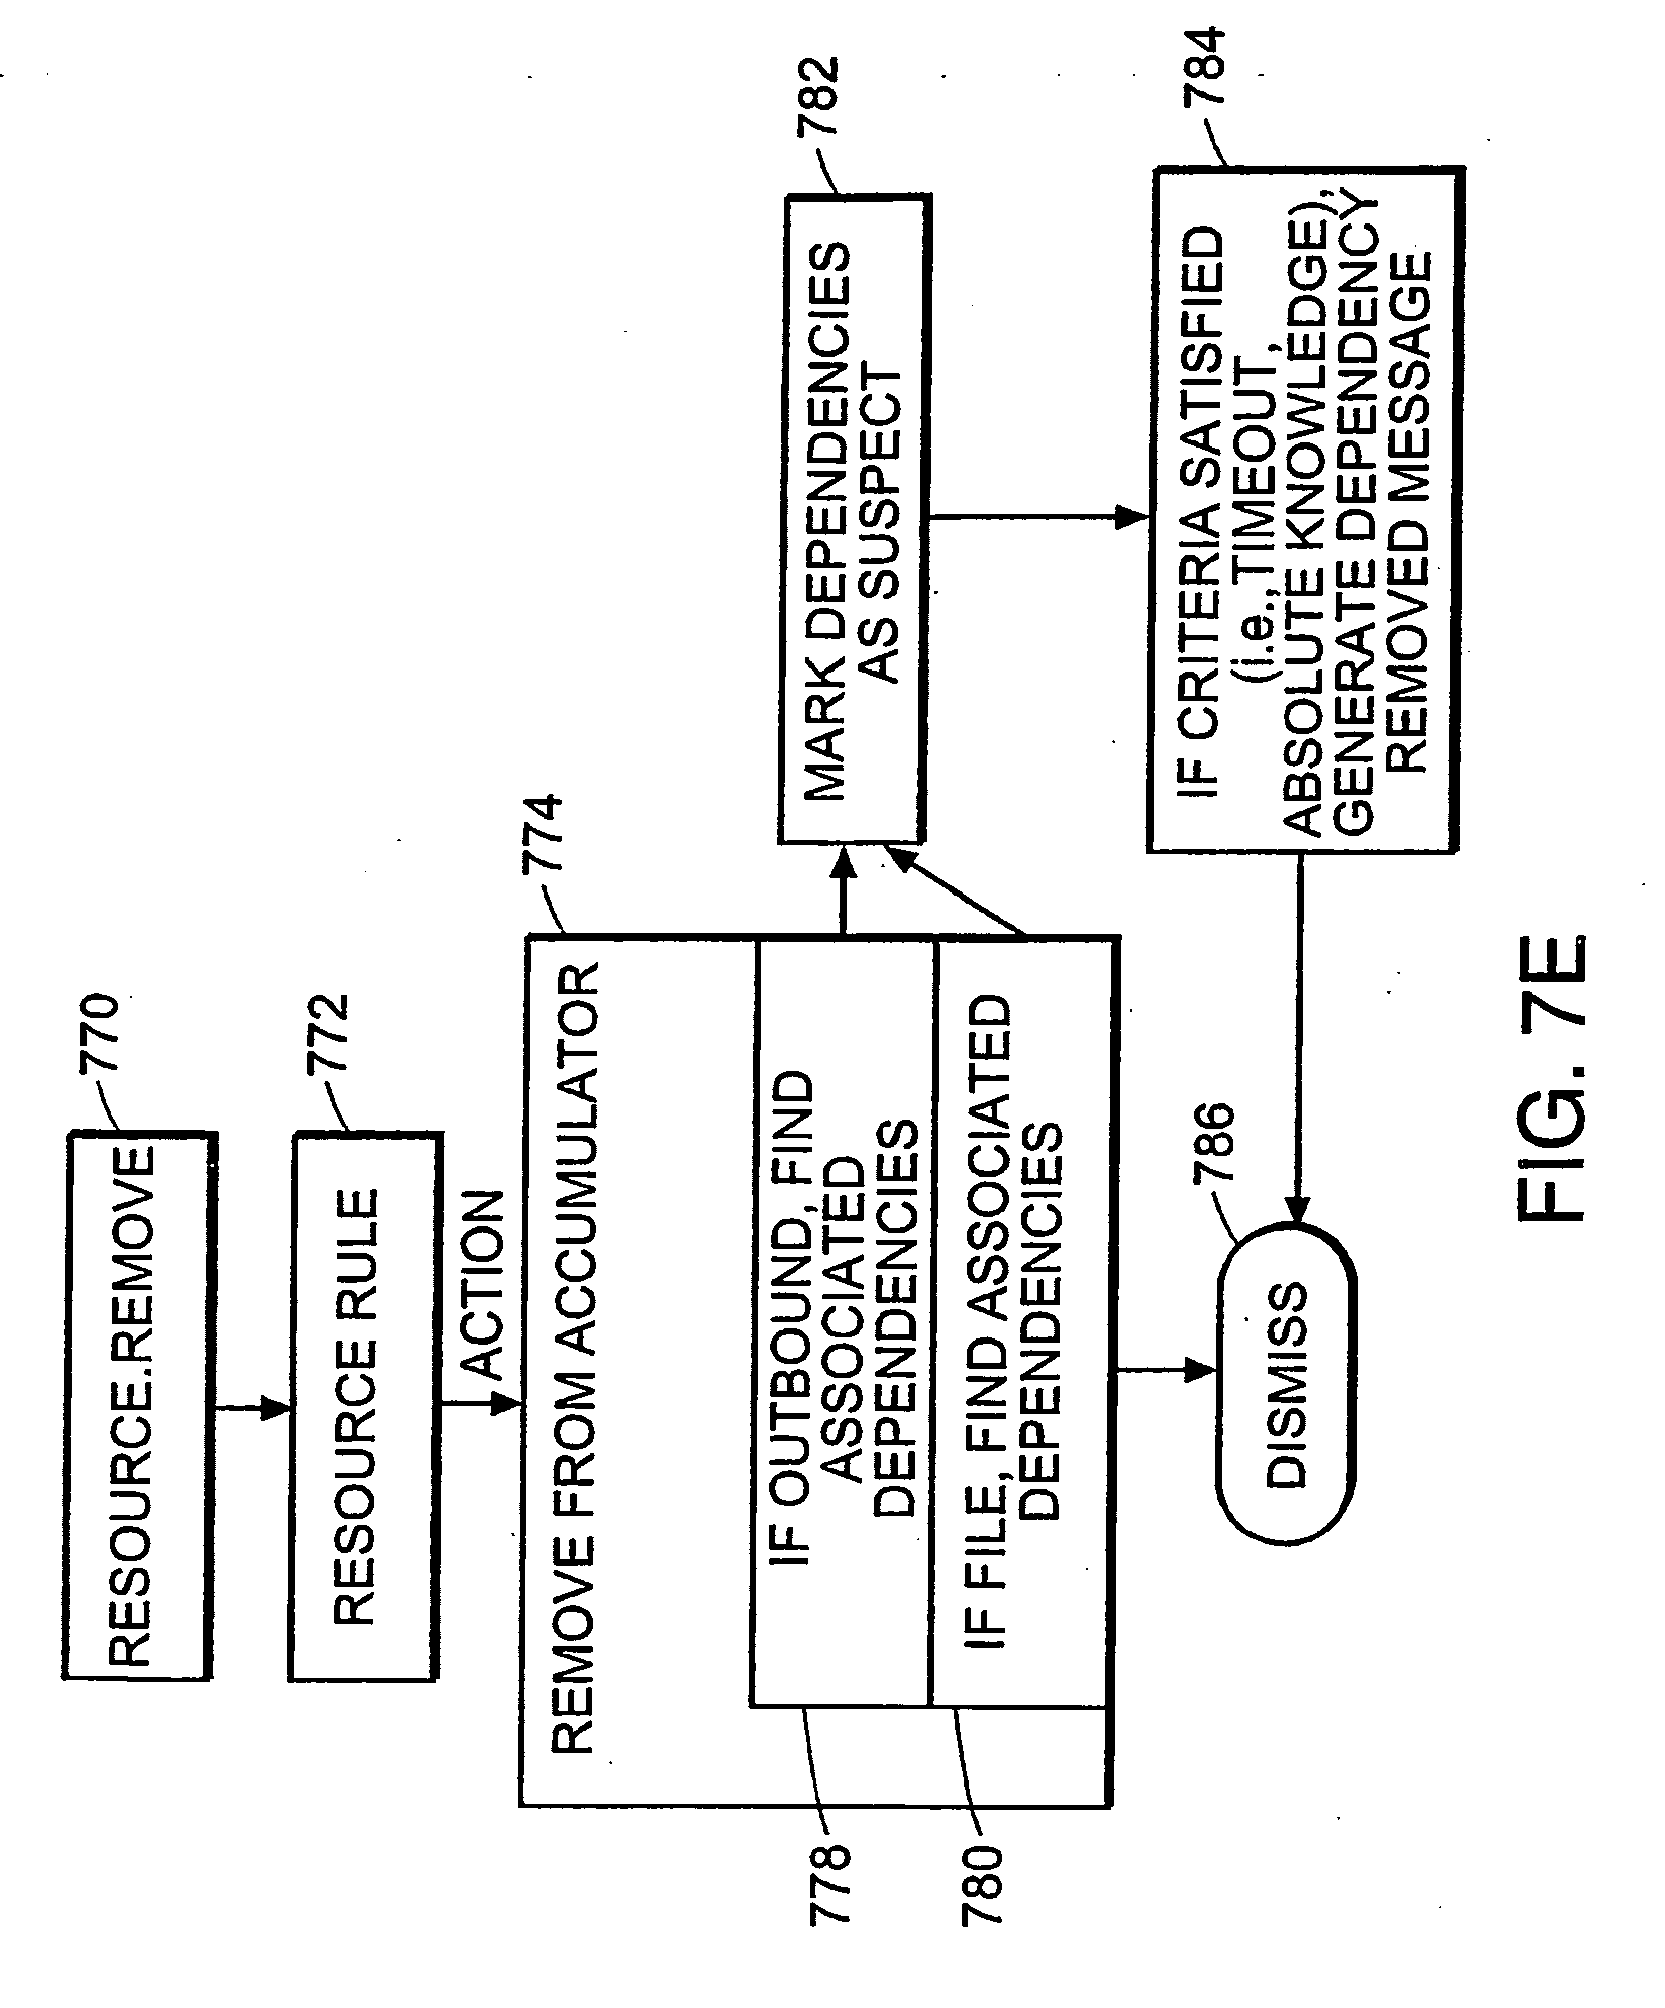 专利ep1573581b1 - method